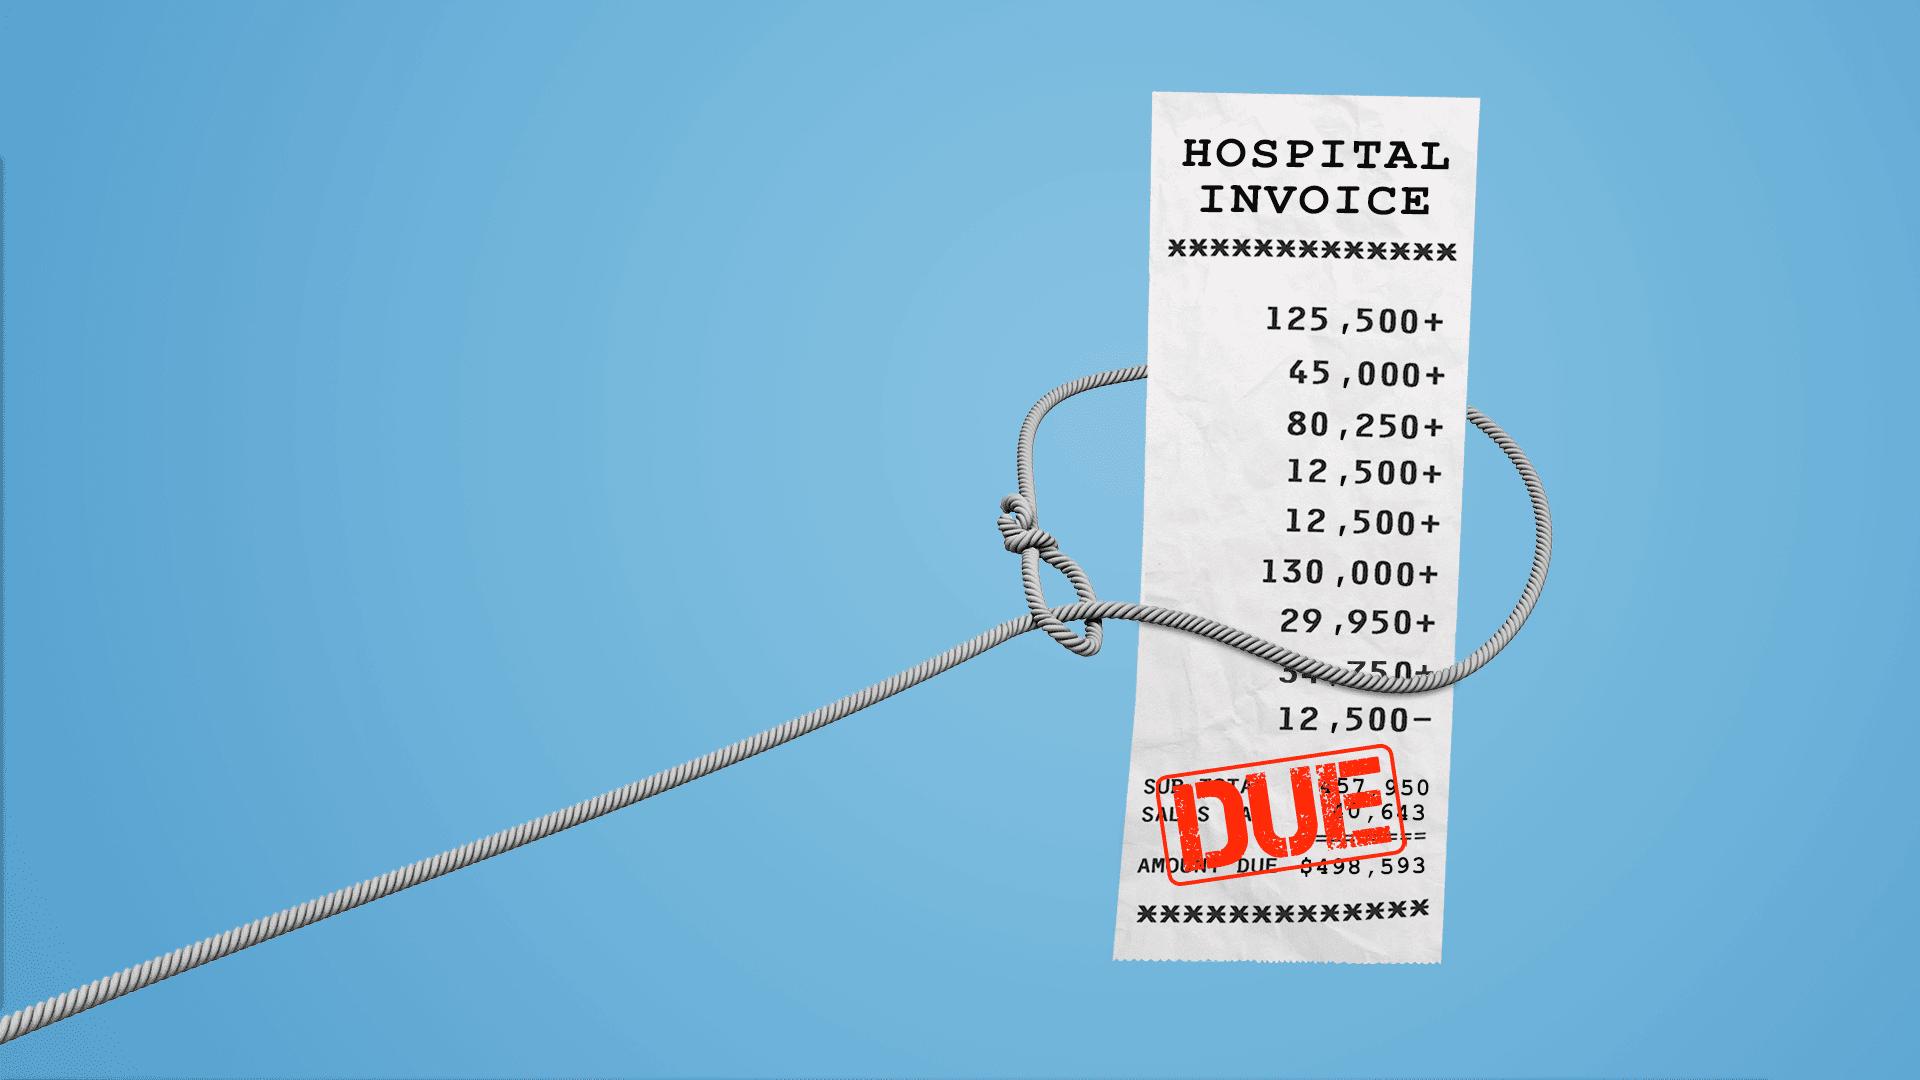 Hospital invoice